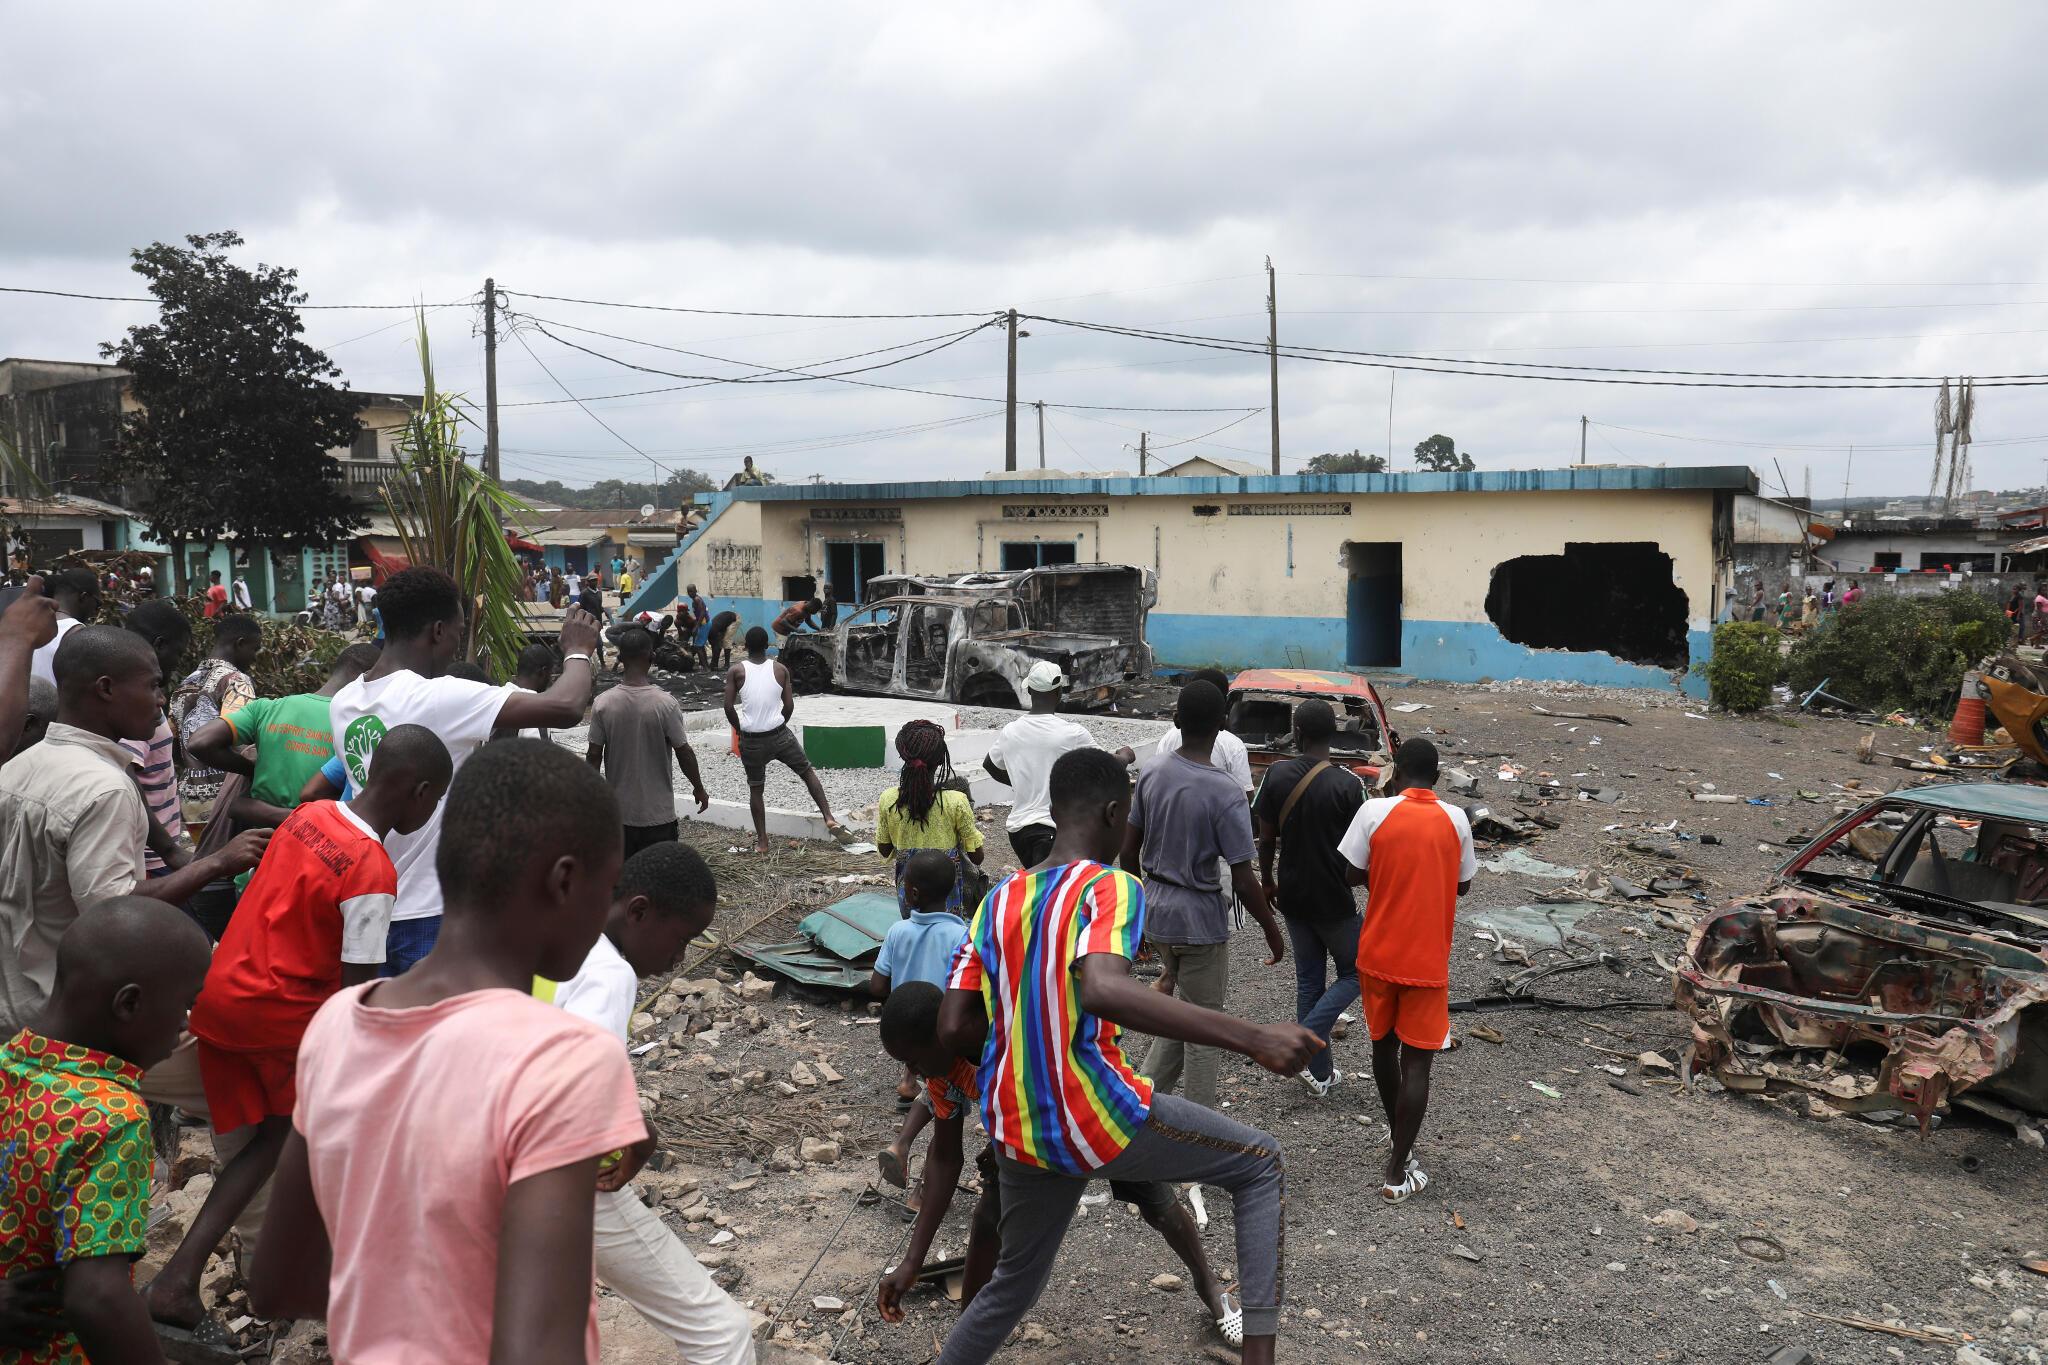 Les violences ont secoué la Côte d'Ivoire, à Divo mais aussi, comme ici, à Bonoua. (image d'illustration)